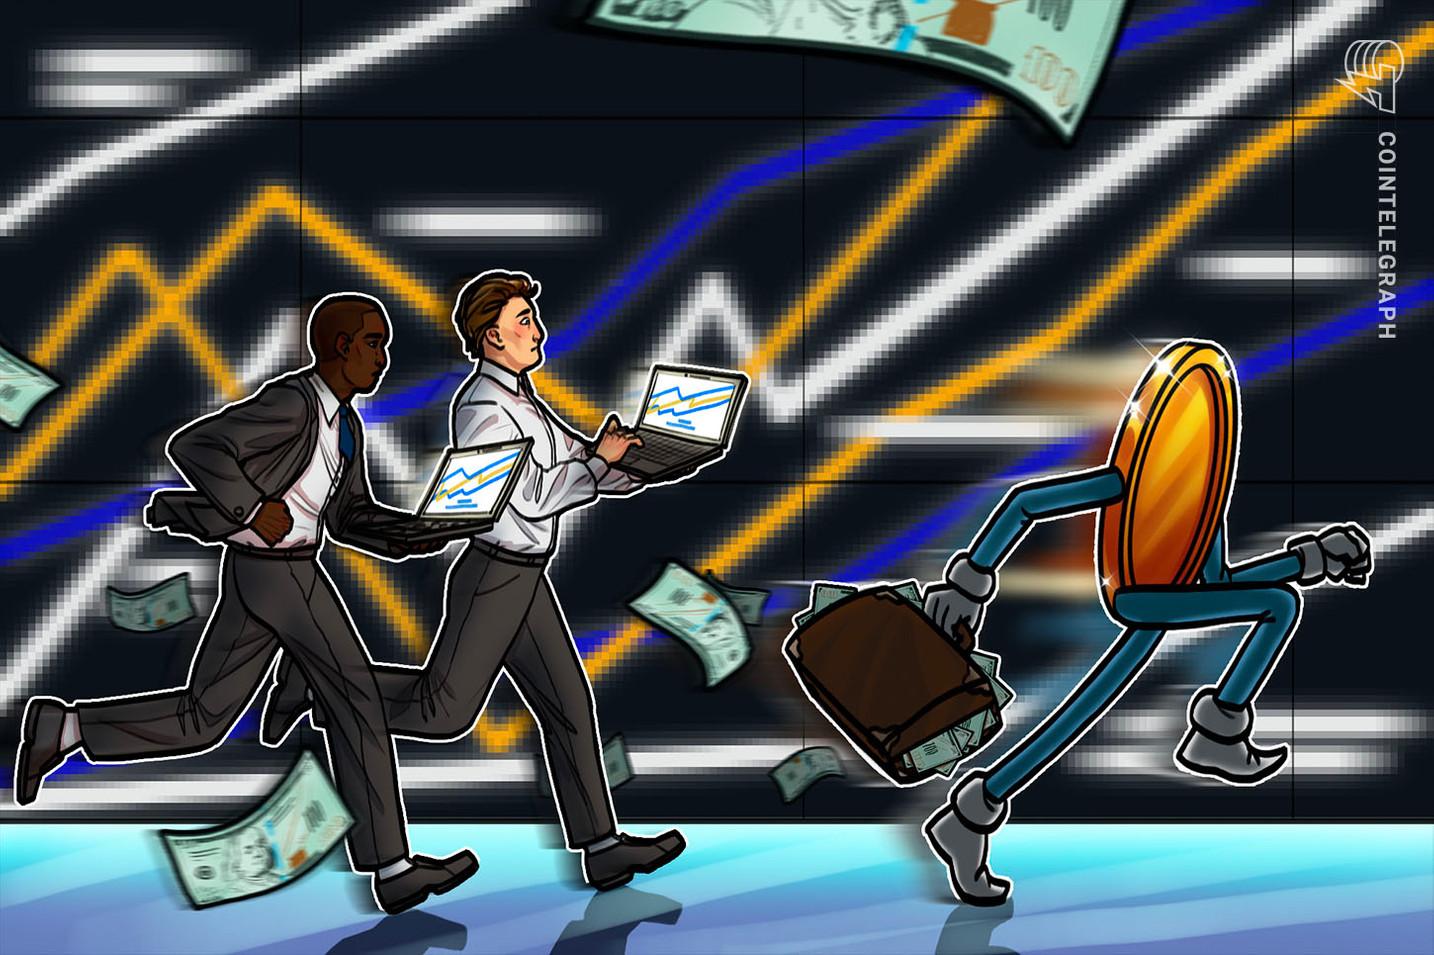 Recur raises $5 million for perpetual cross-platform NFT royalties